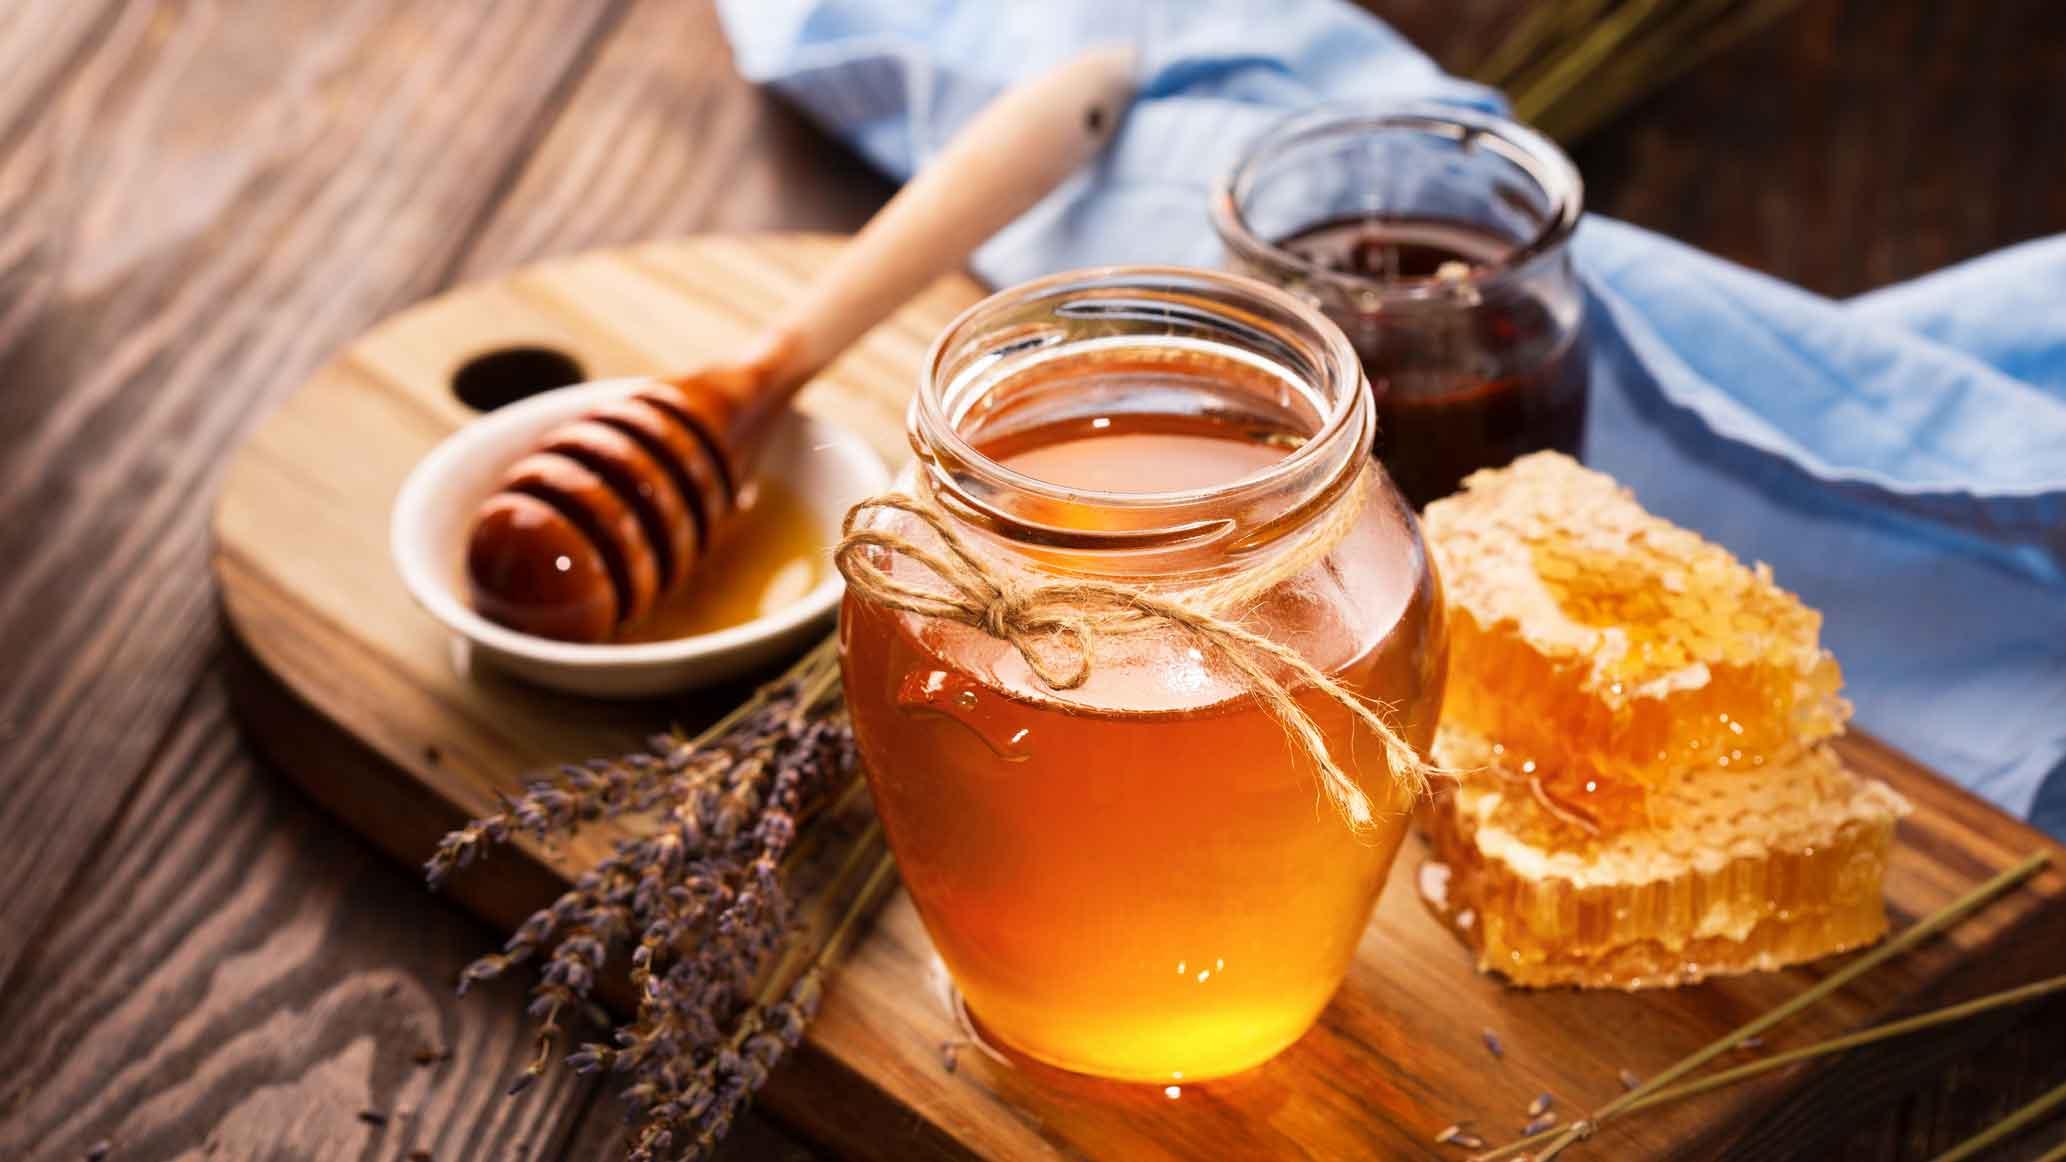 Honig: Die wichtigsten Fakten über das heilsame Gold